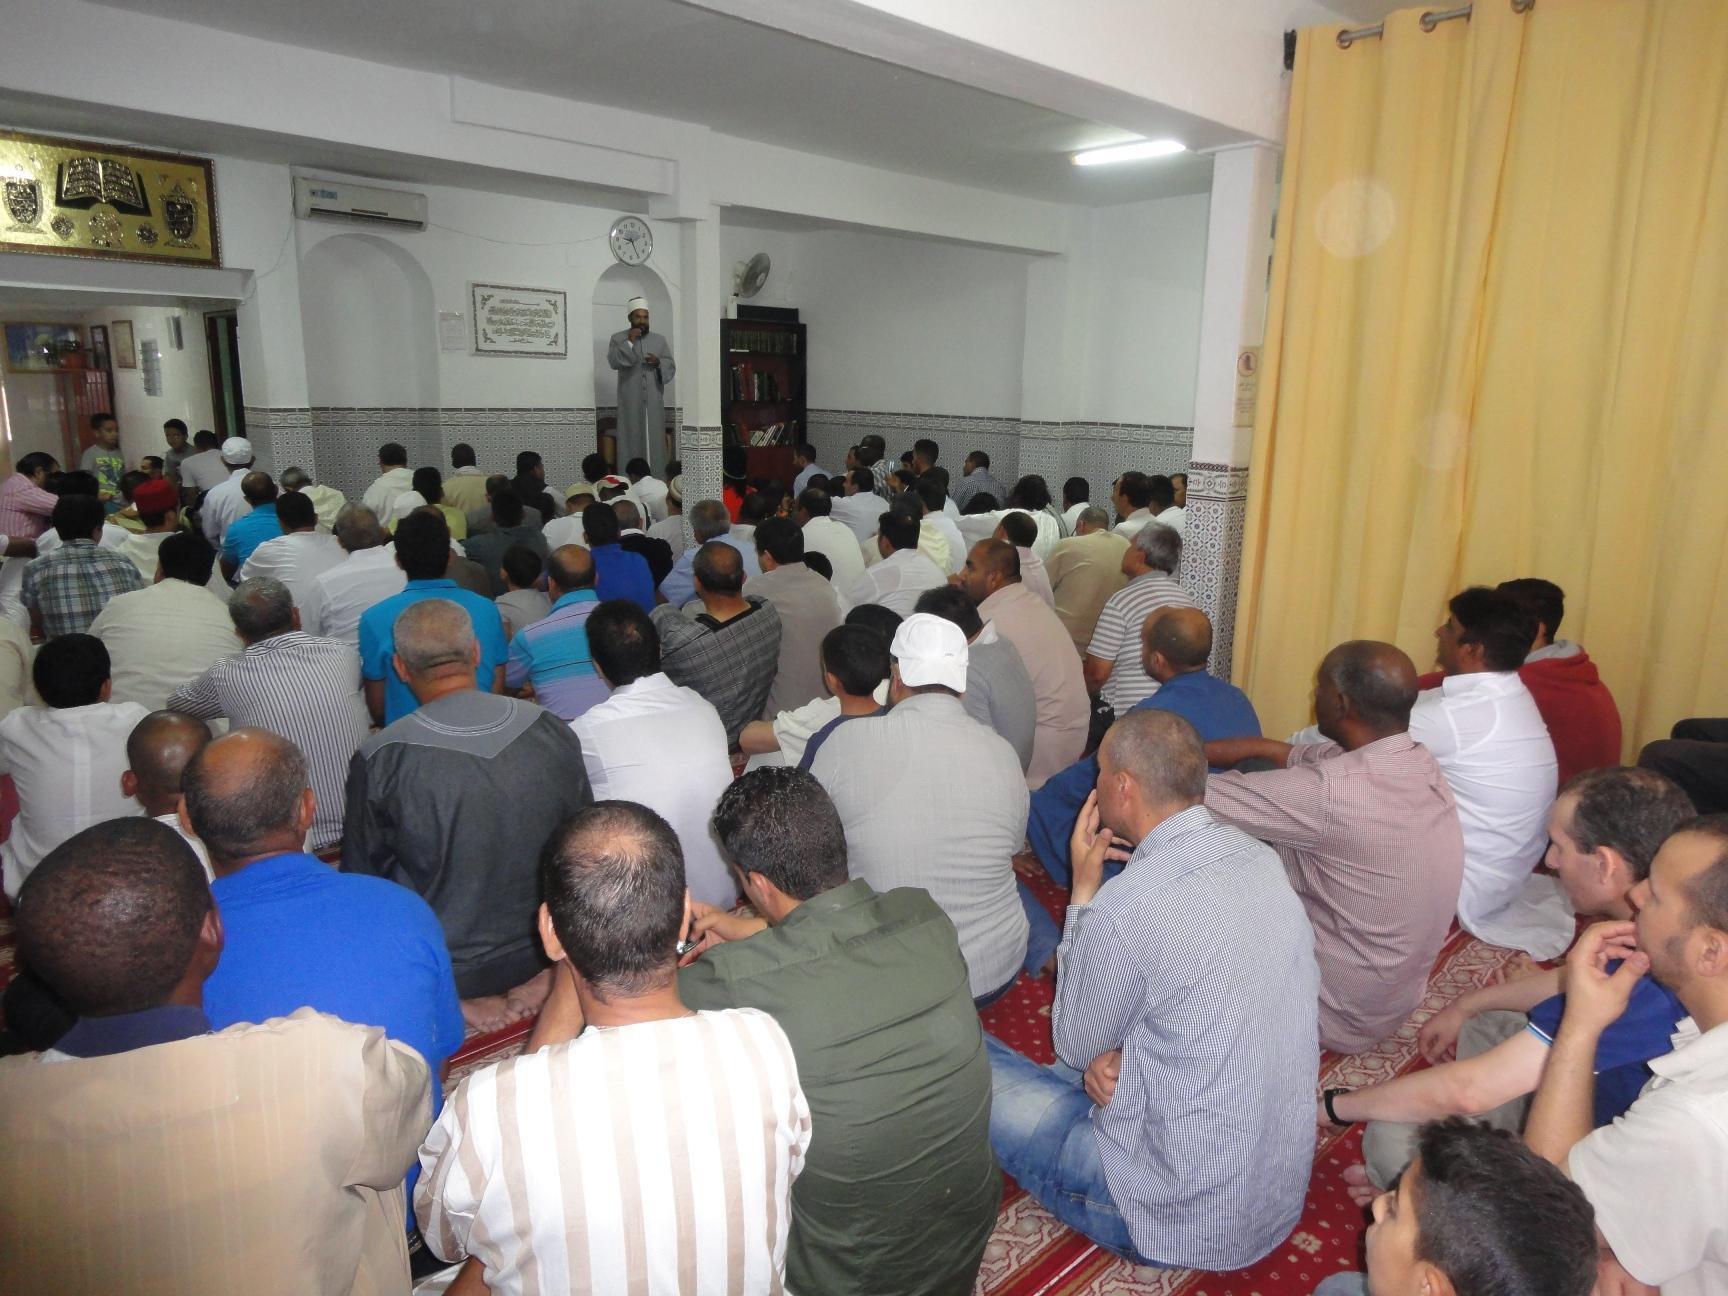 La Mezquita de Badajoz estuvo repleta de los fieles